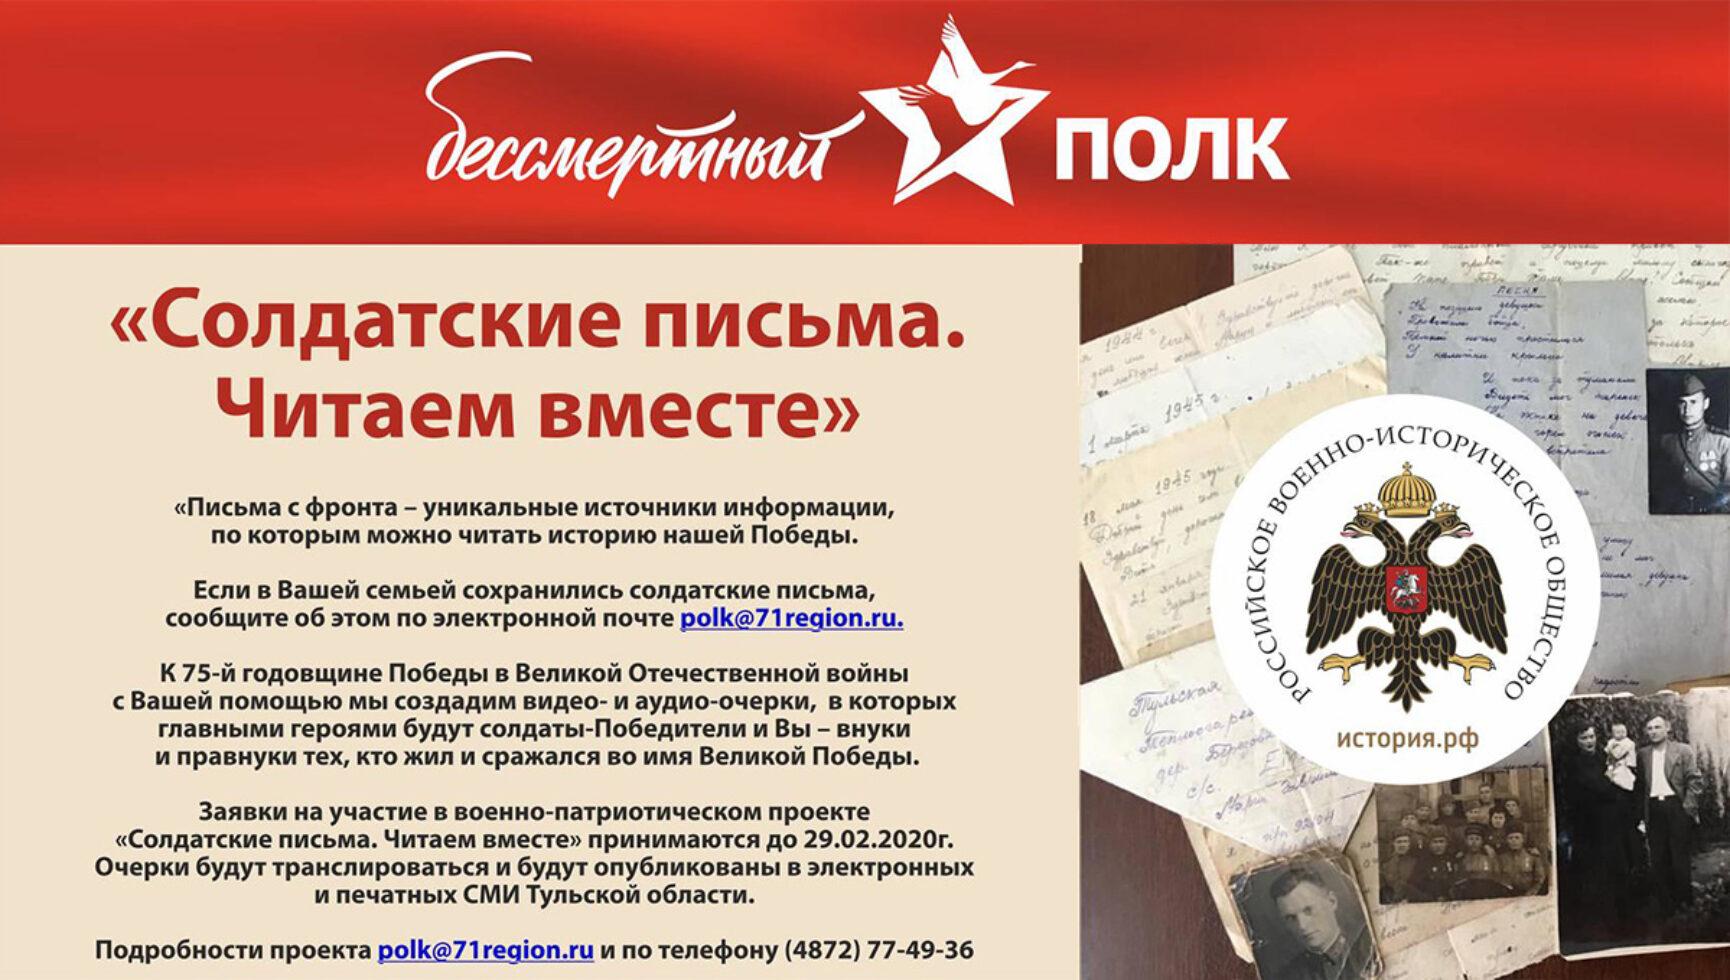 Приглашаем жителей Тульской области принять участие в военно-патриотическом проекте «Солдатские письма. Читаем вместе»